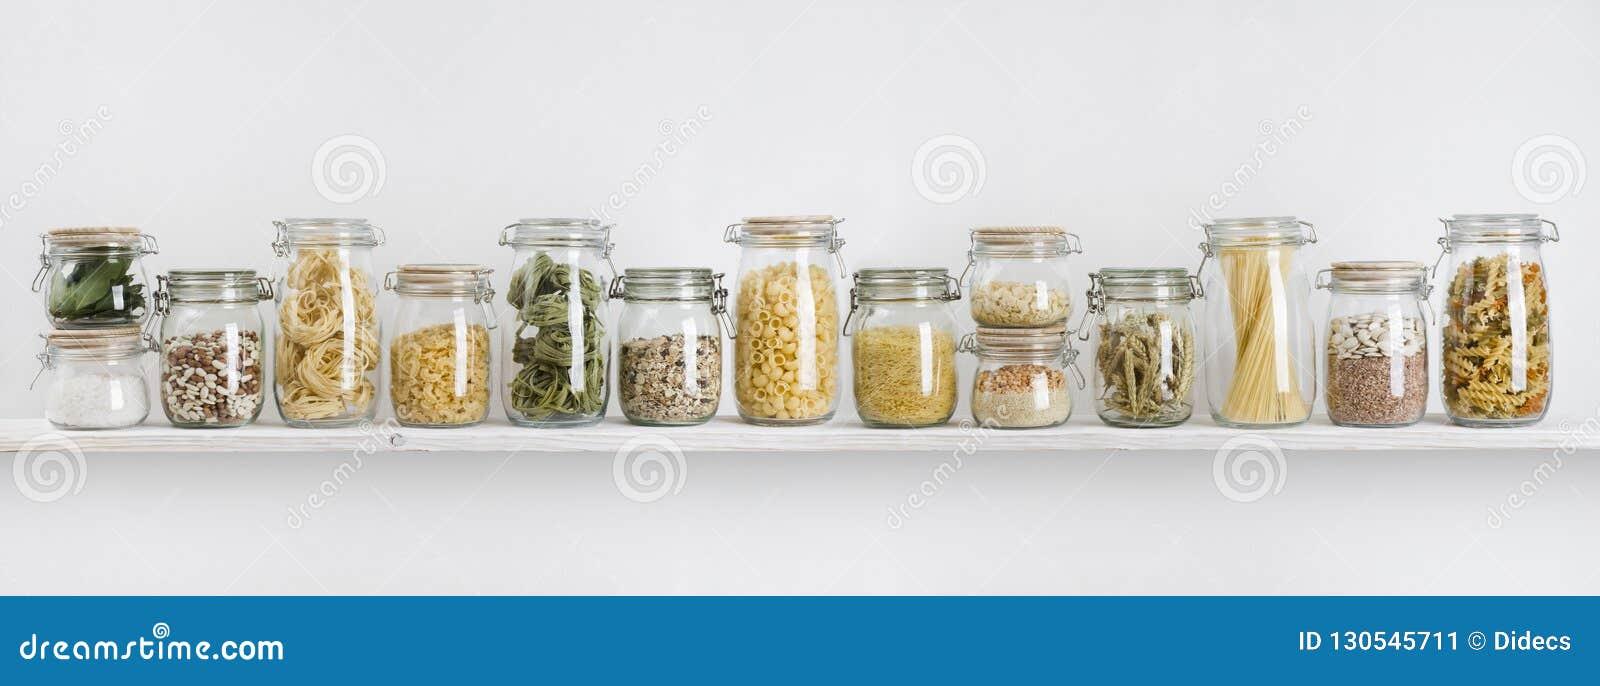 Κατάταξη των άψητων παντοπωλείων στα βάζα γυαλιού που τακτοποιούνται στο ράφι